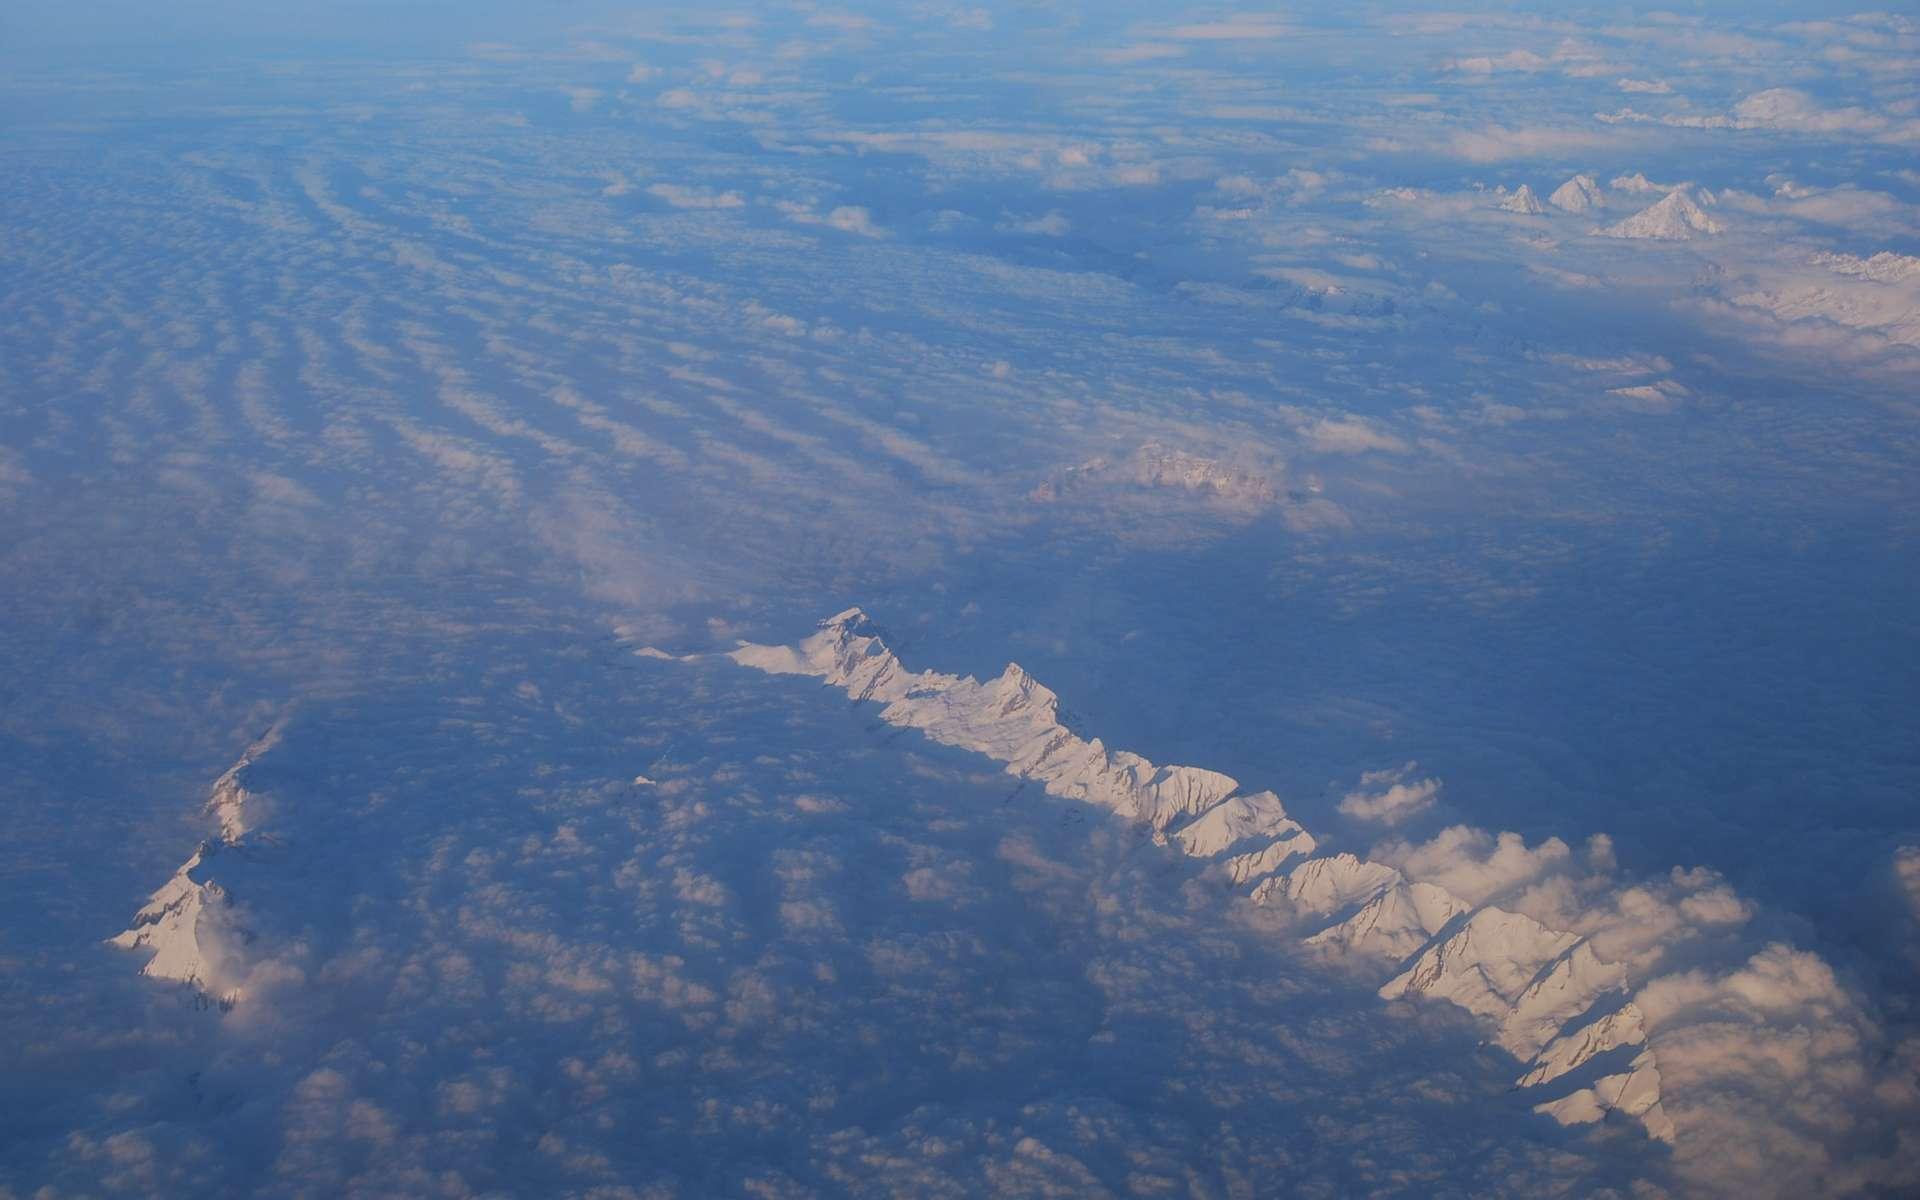 Le Goddard Space Flight Center de la Nasa a élaboré un nouvel outil qui donne une vue globale de la circulation atmosphérique autour de l'Amérique du Nord et du Sud. L'application permettra de mieux prévoir l'évolution des phénomènes météorologiques qui prennent naissance à l'ouest ou à l'est du continent américain, et qui peuvent affecter jusqu'à l'Europe (à l'image, les Alpes et leurs nuages vus du ciel). © Rémy Decourt, Futura-Sciences